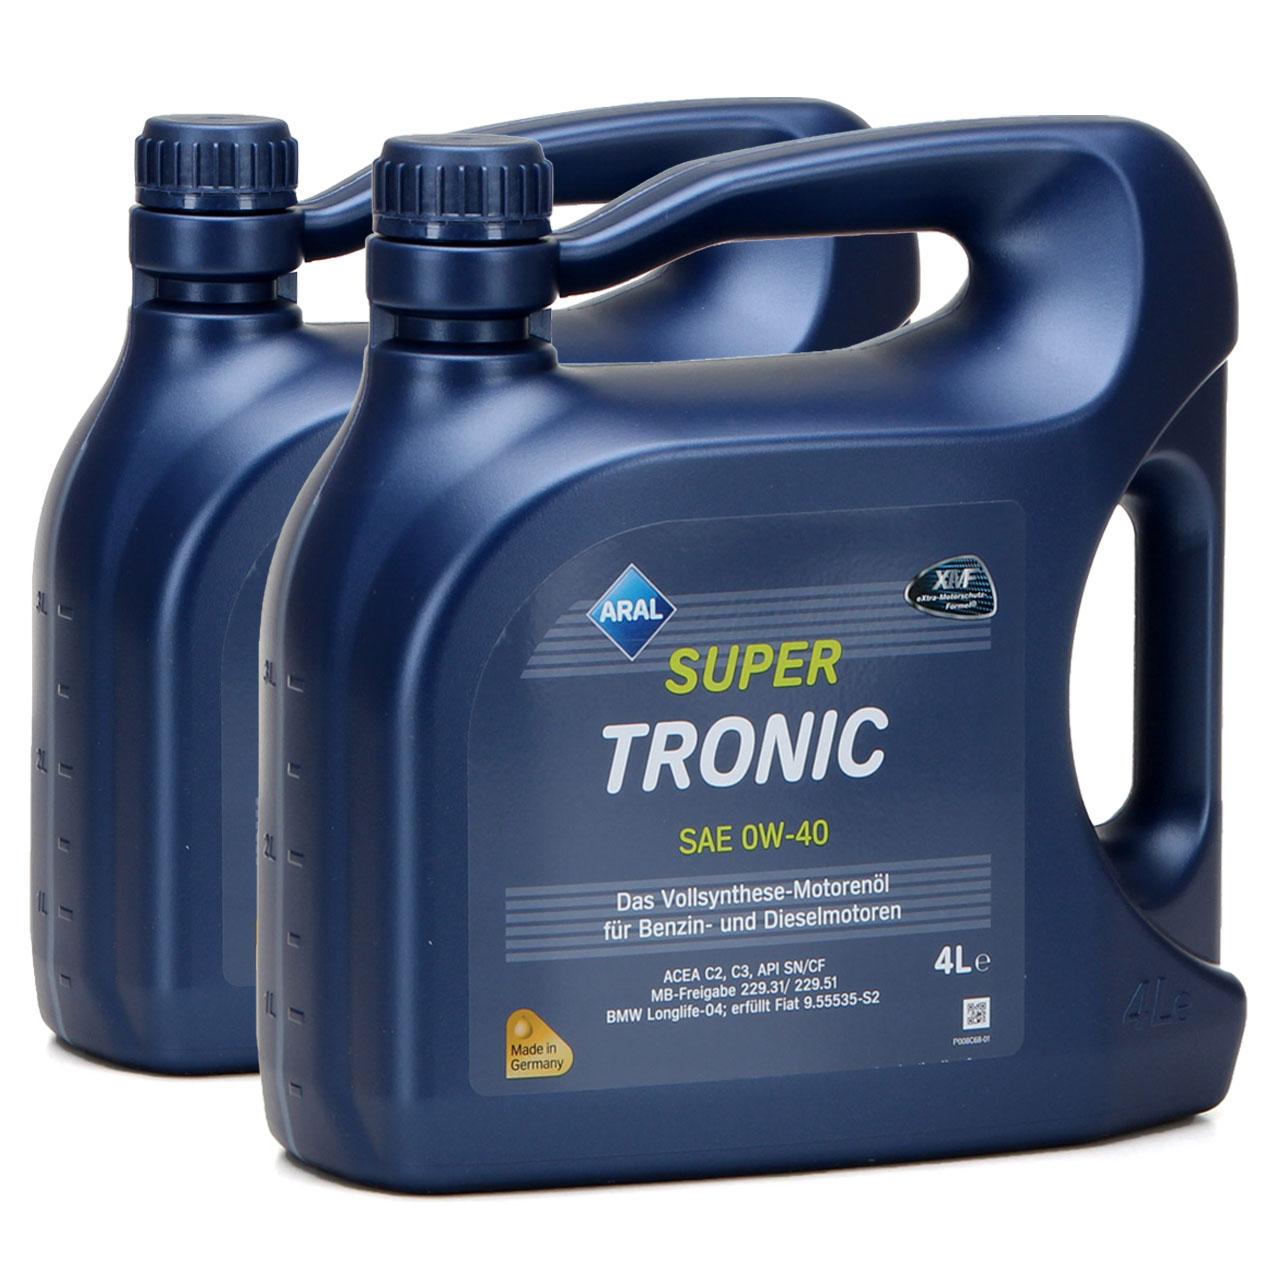 ARAL Motoröl Öl SUPER TRONIC 0W-40 0W40 MB 229.31/229.51 BMW LL-04 - 8L 8 Liter